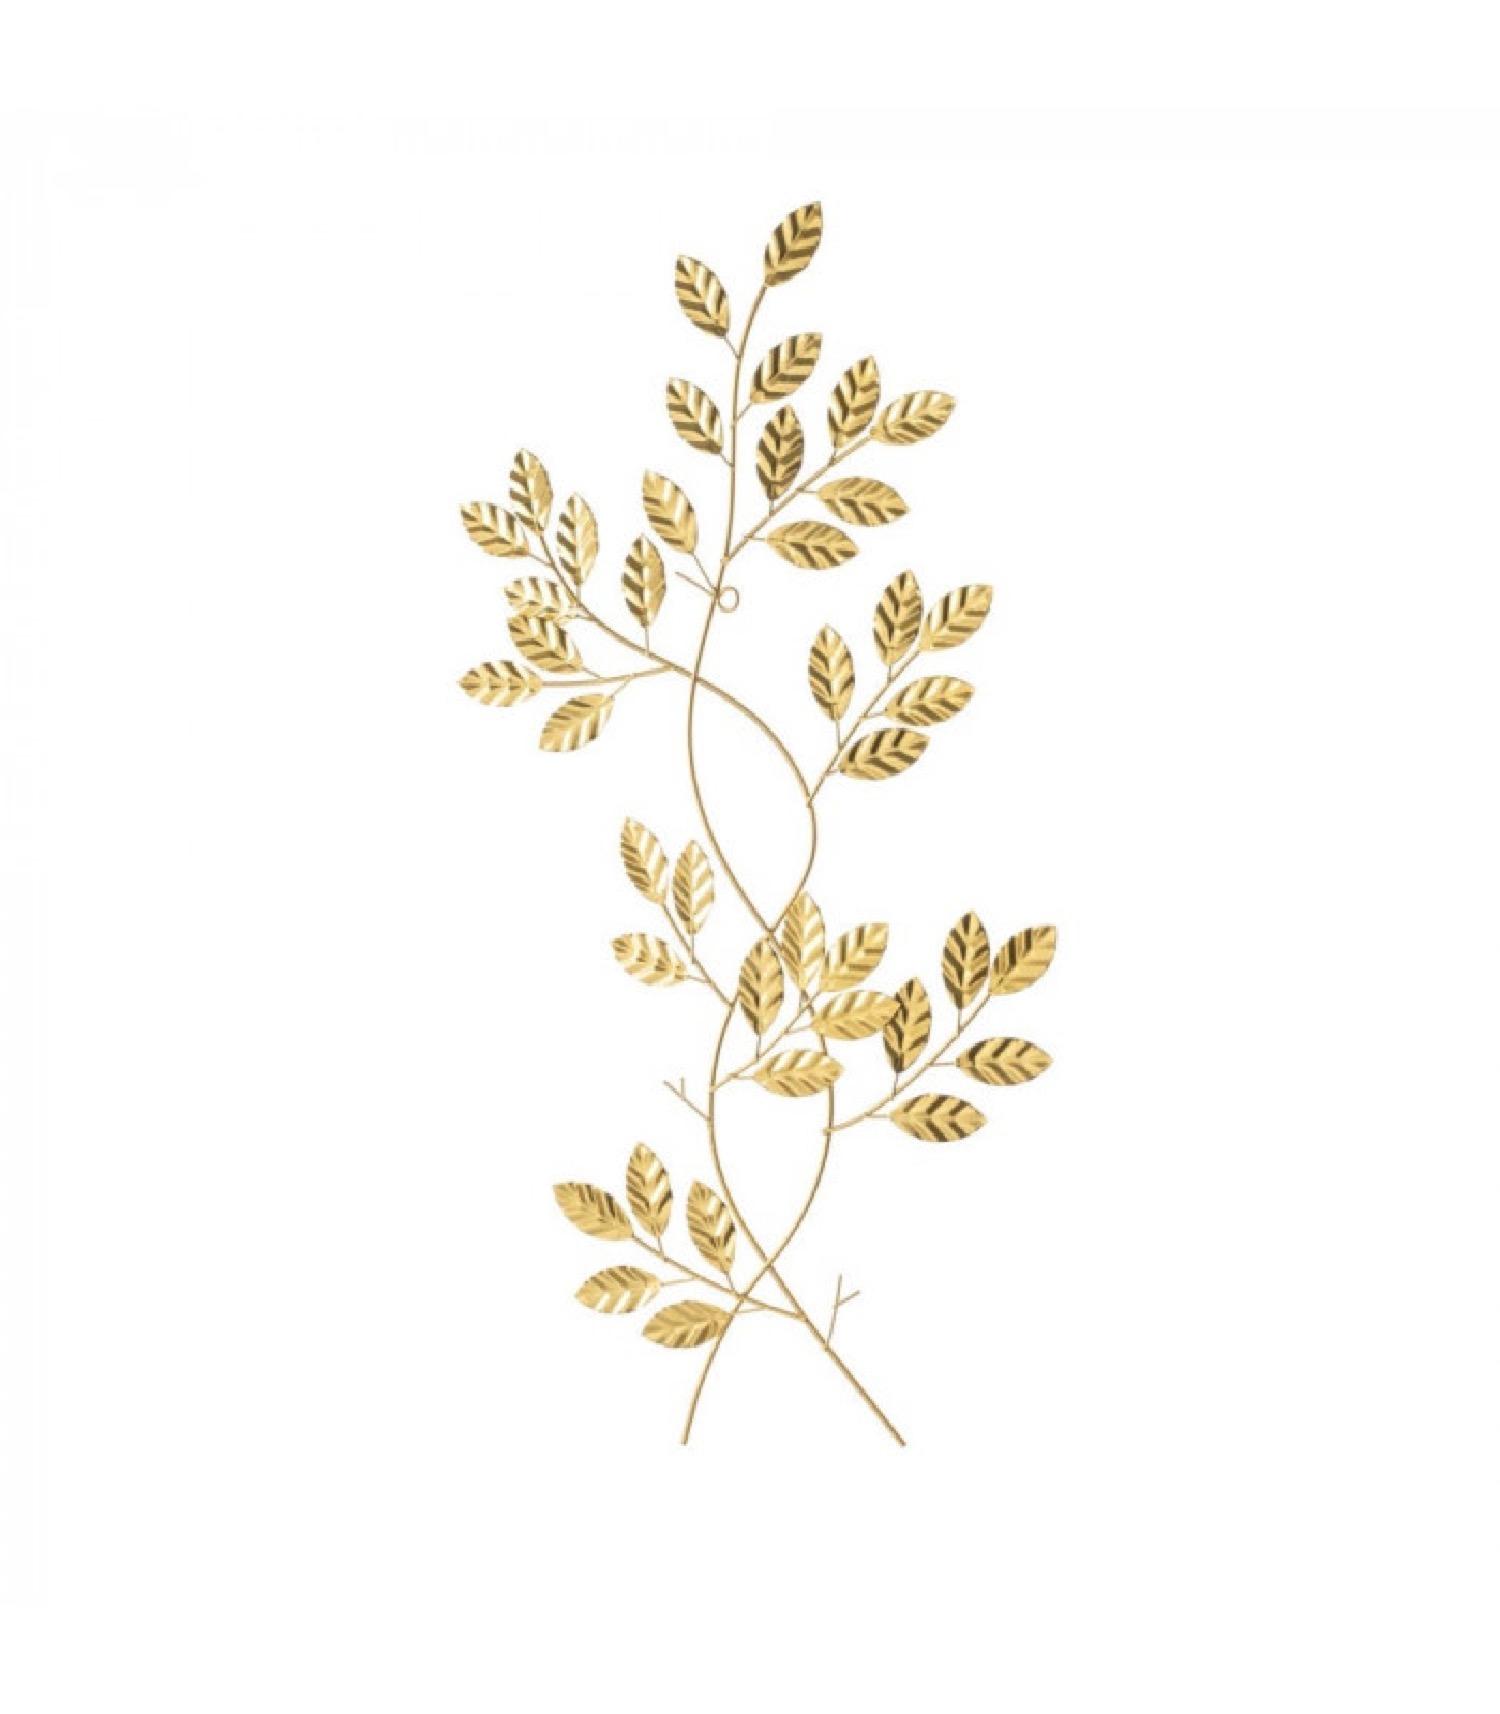 Décoration murale branches en métal doré 33x60cm